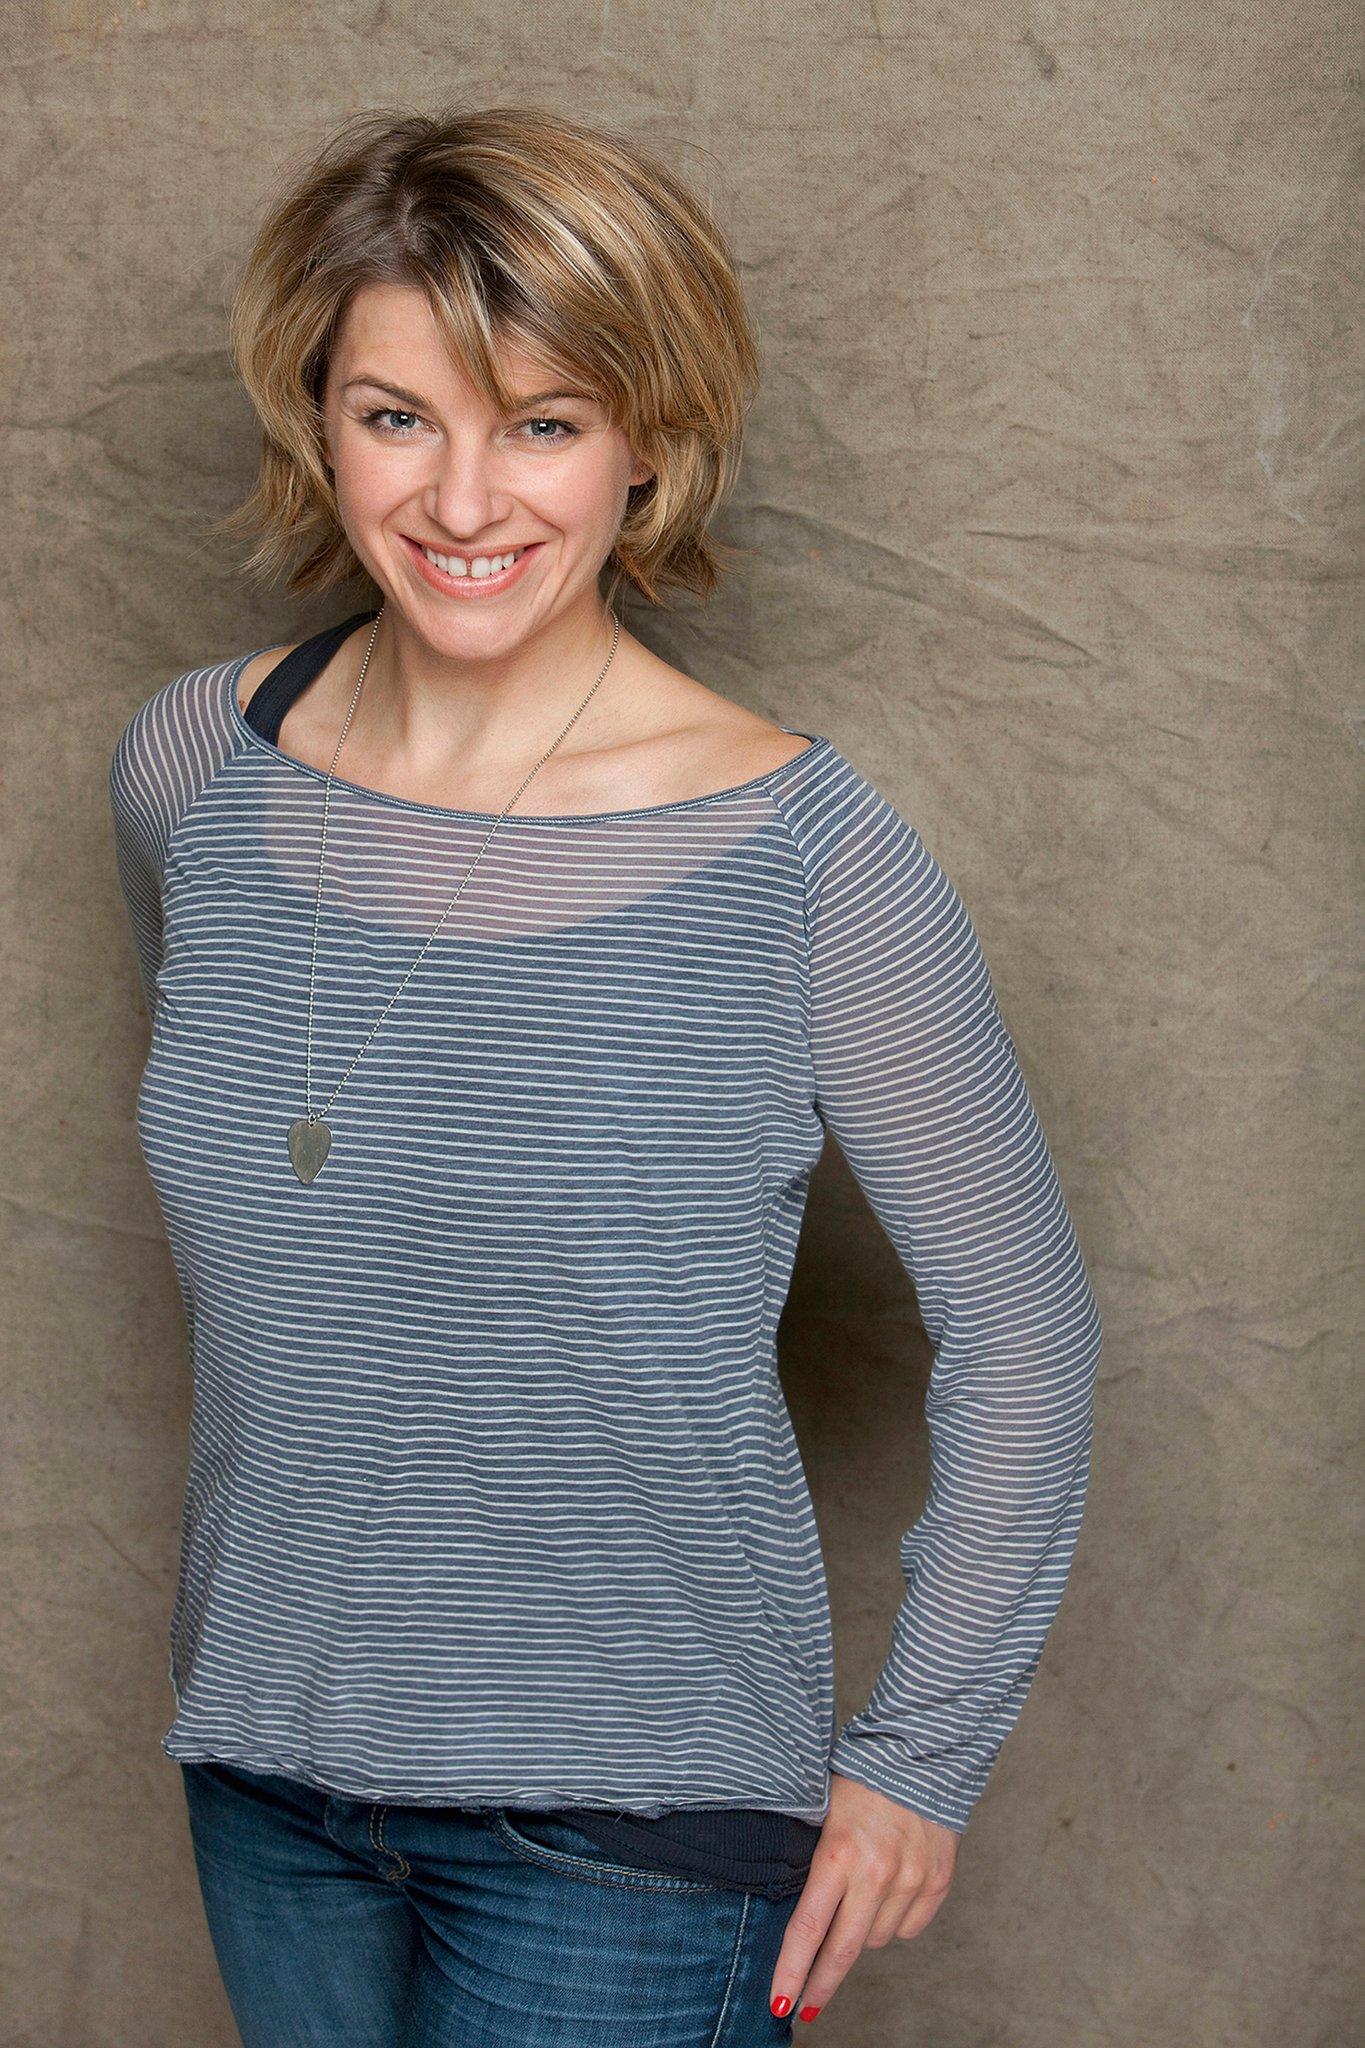 Sabine Heinrich Kind